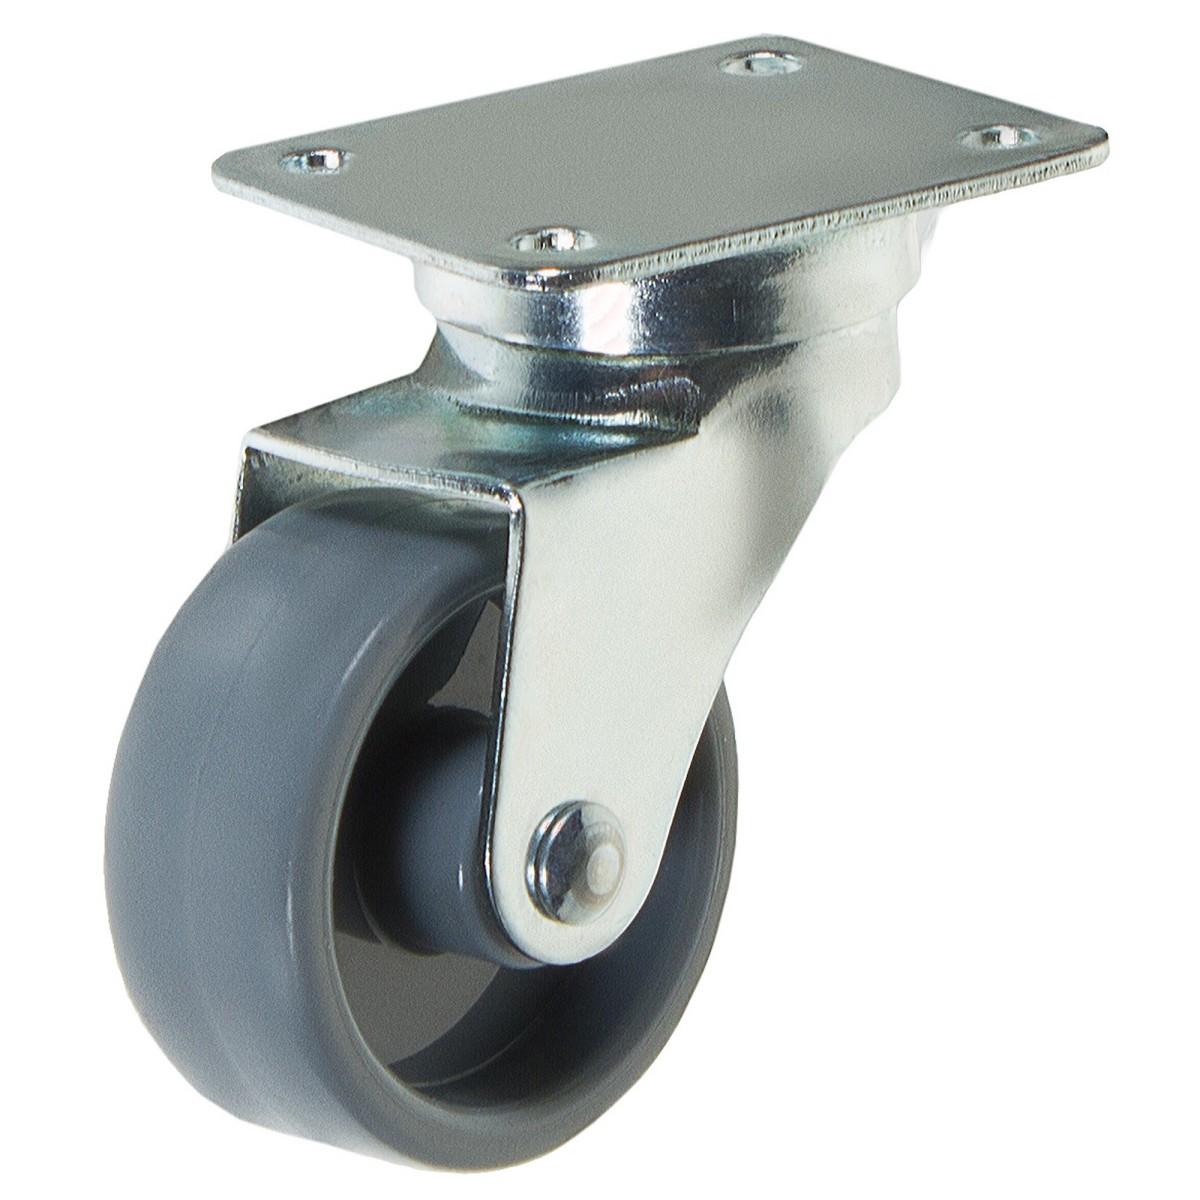 Колесо Amig 6716 40 мм поворотное без тормоза